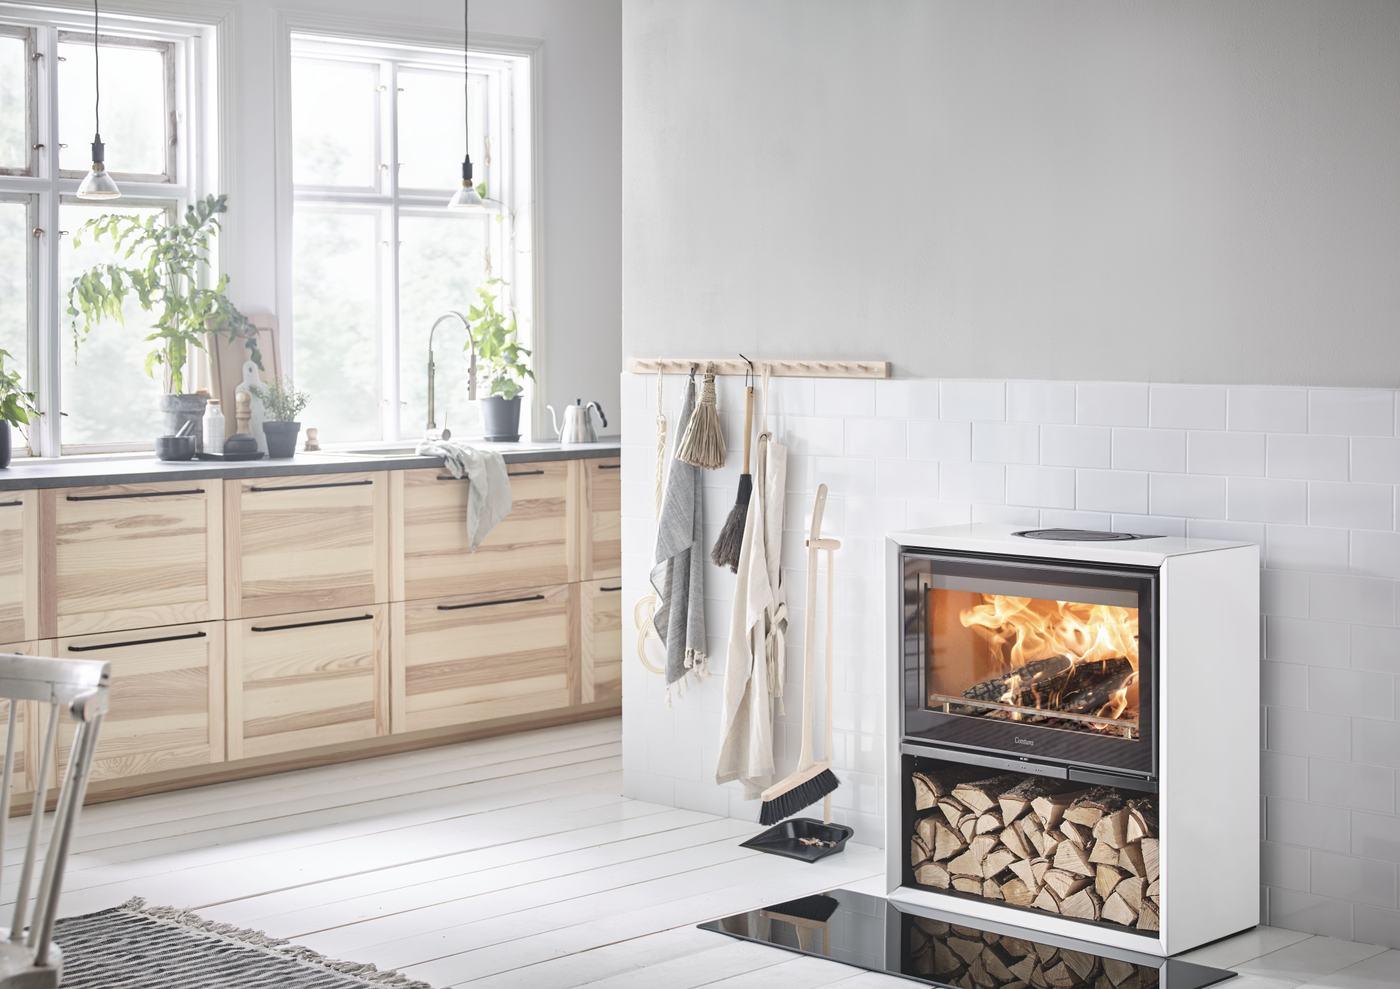 Witte houtkachel met houtopslag in houten keuken. Contura 310 kachel #houtkachel #houthaard #keuken #contura